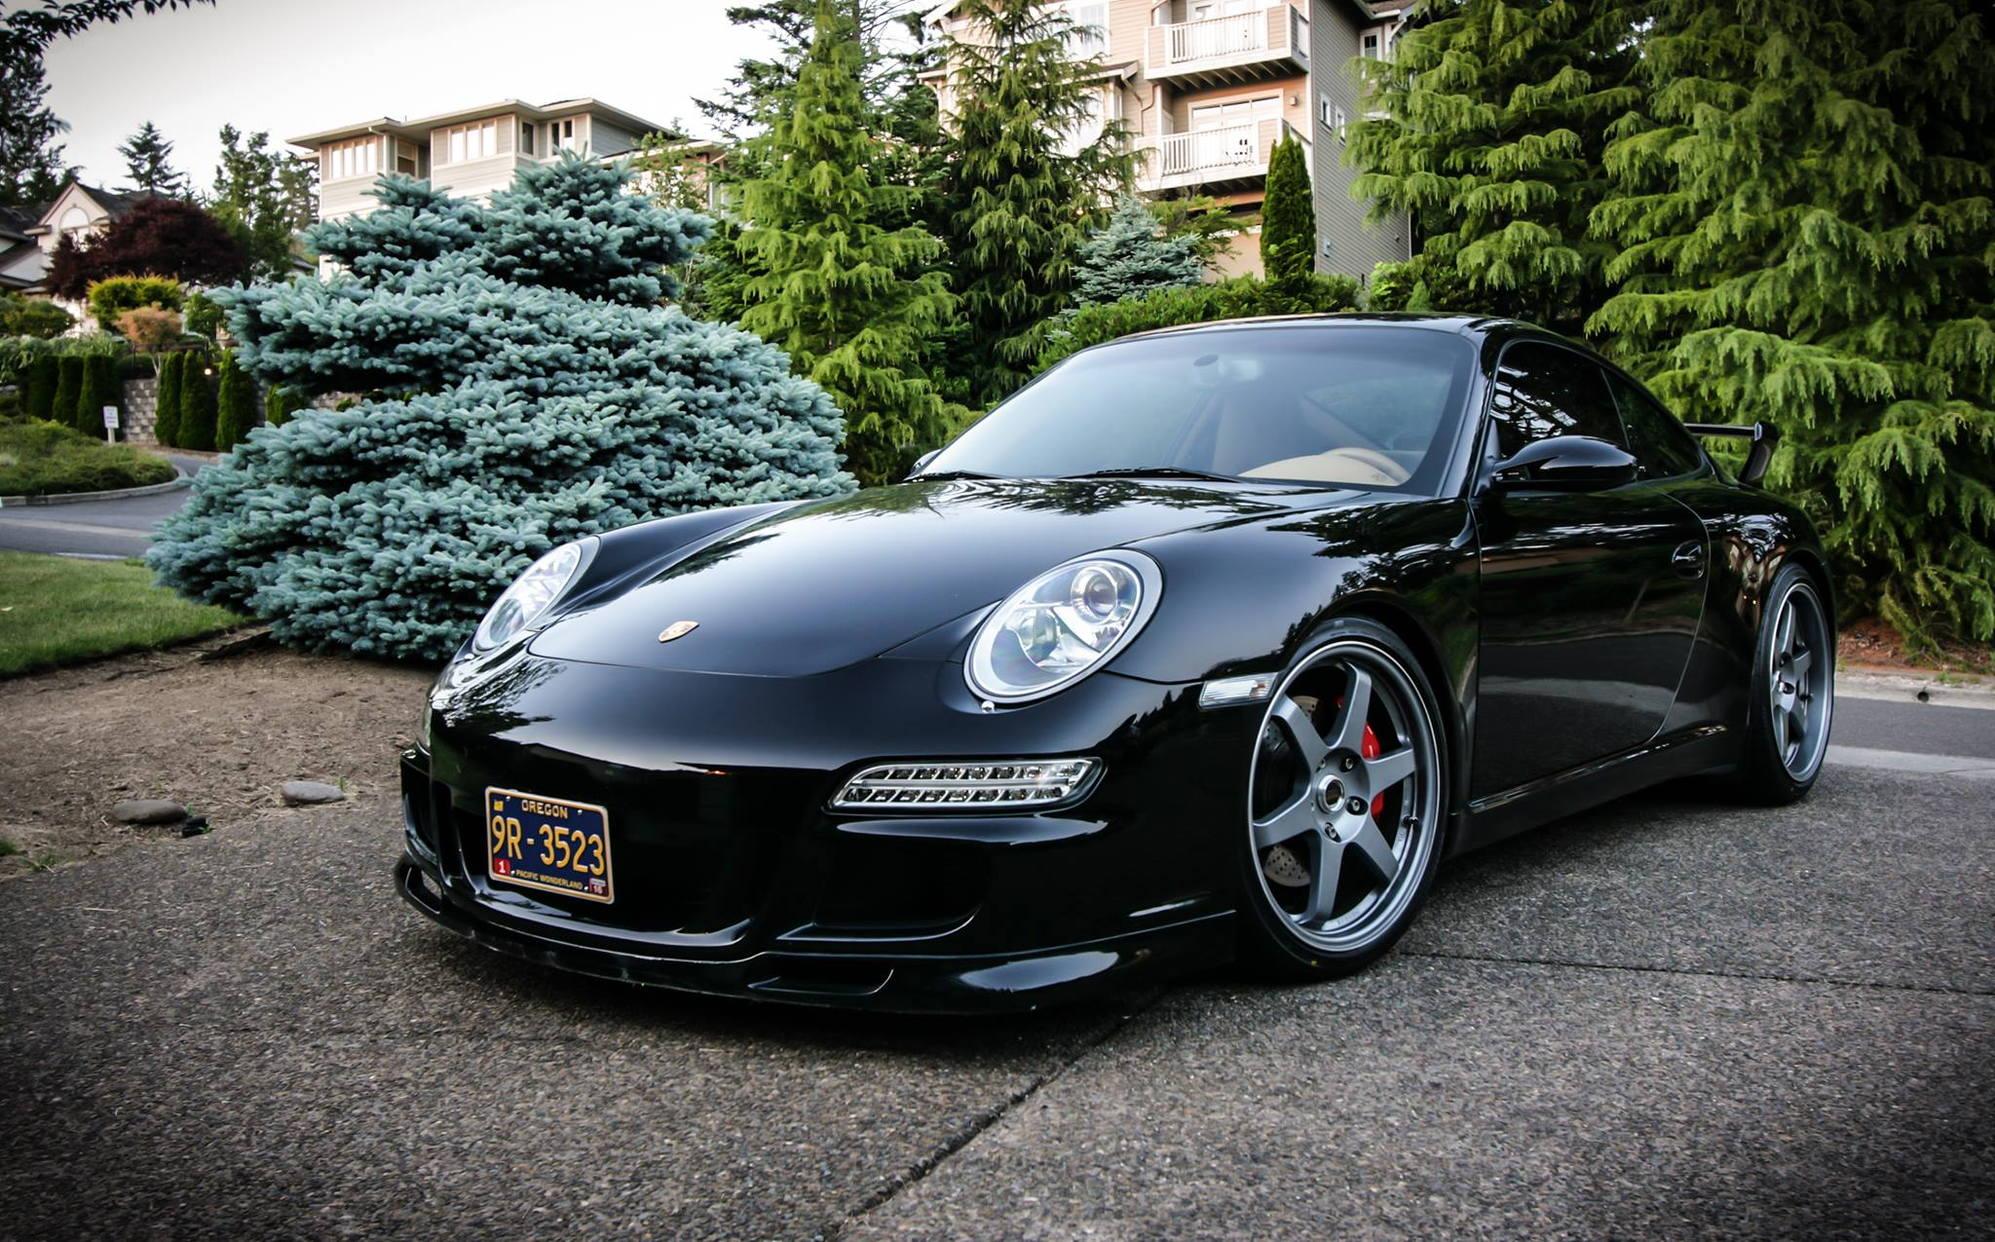 Show Me Your 997 With Non Porsche Wheels Page 28 Rennlist Porsche Discussion Forums